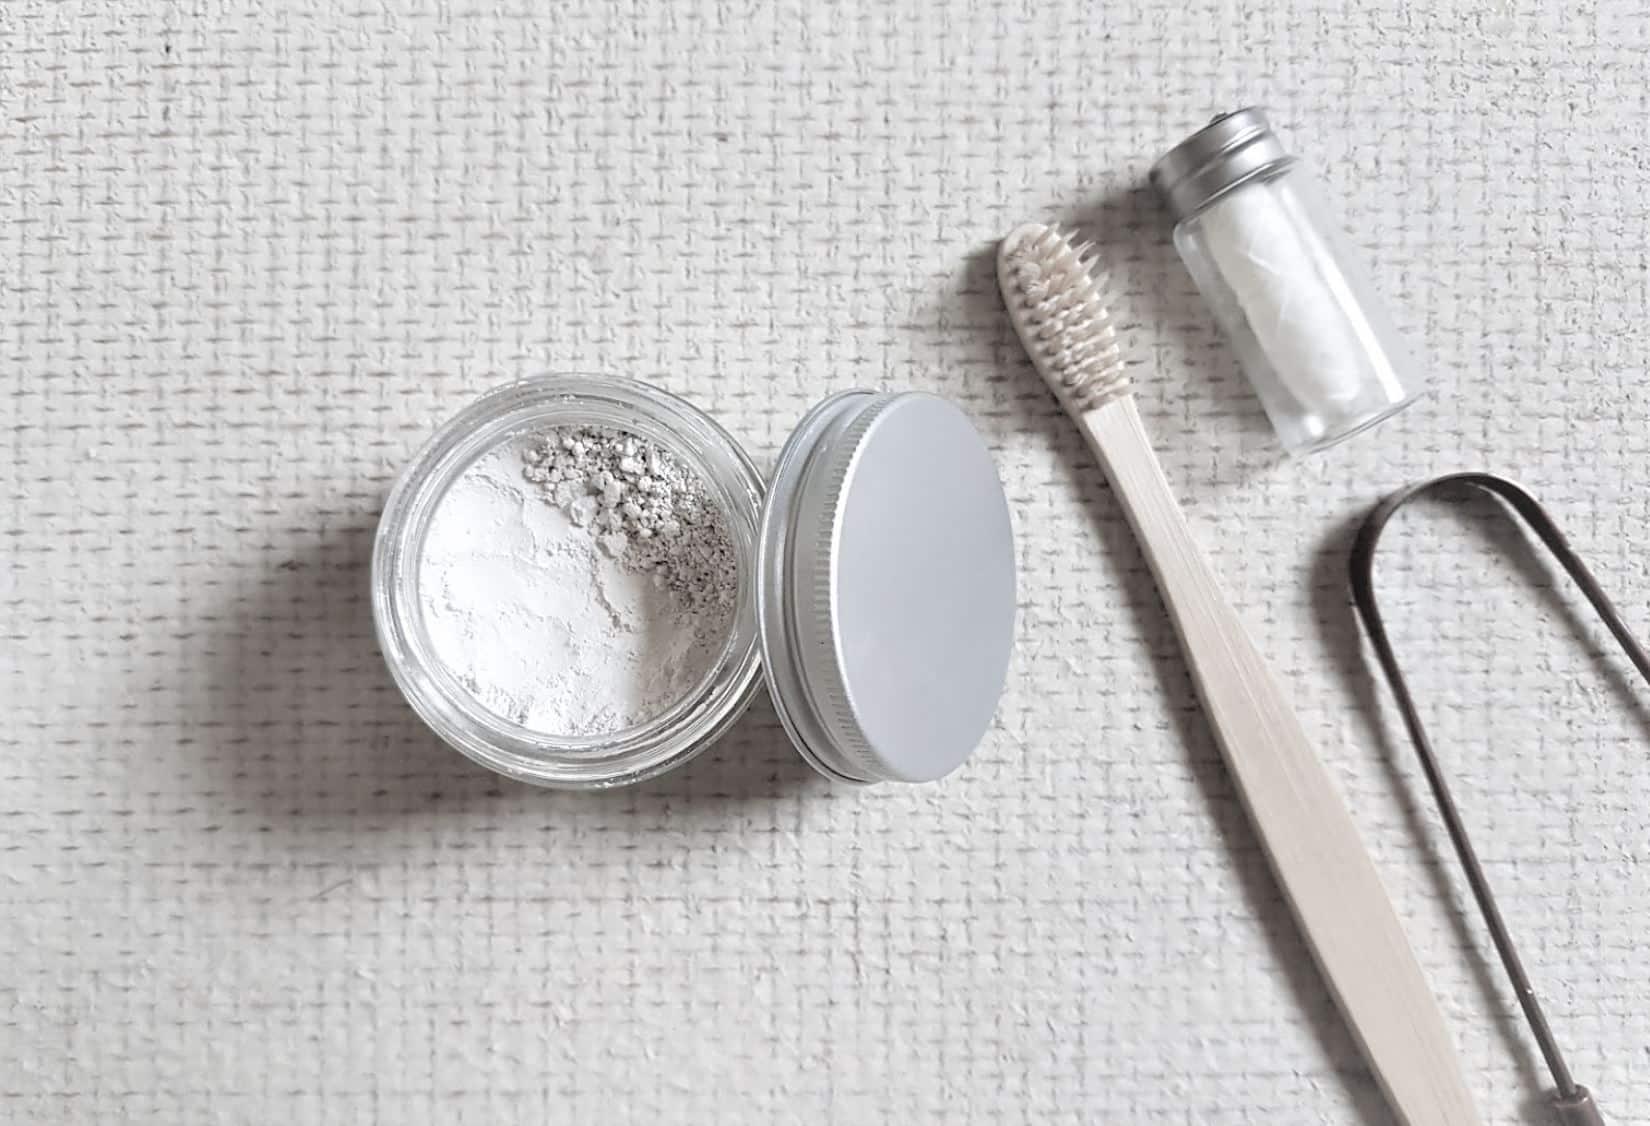 dentifrice en poudre brosse gratte langue fil dentaire